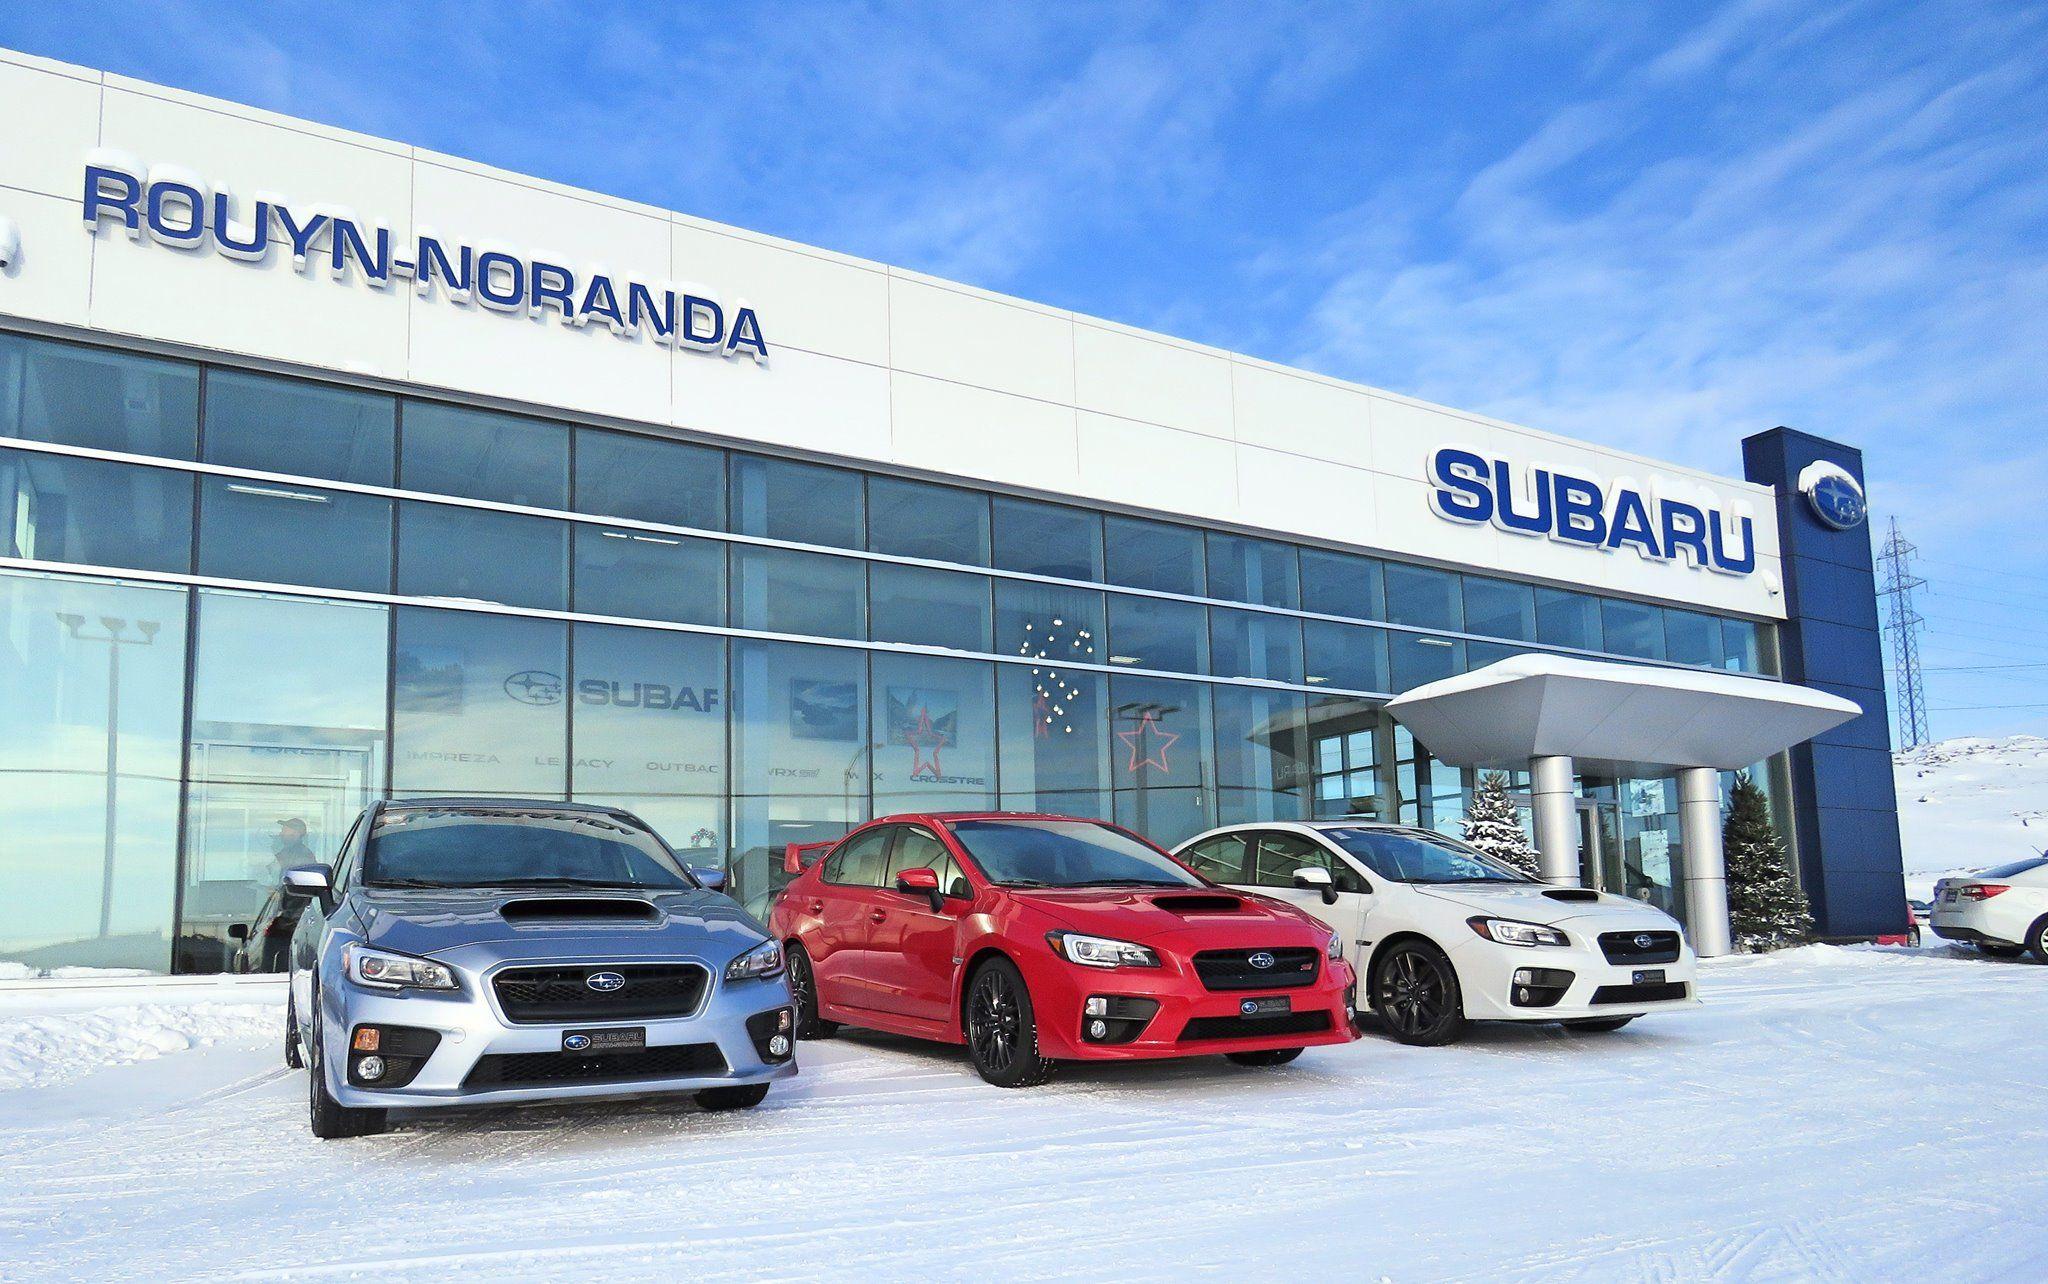 Concessionnaire Subaru à Rouyn-Noranda